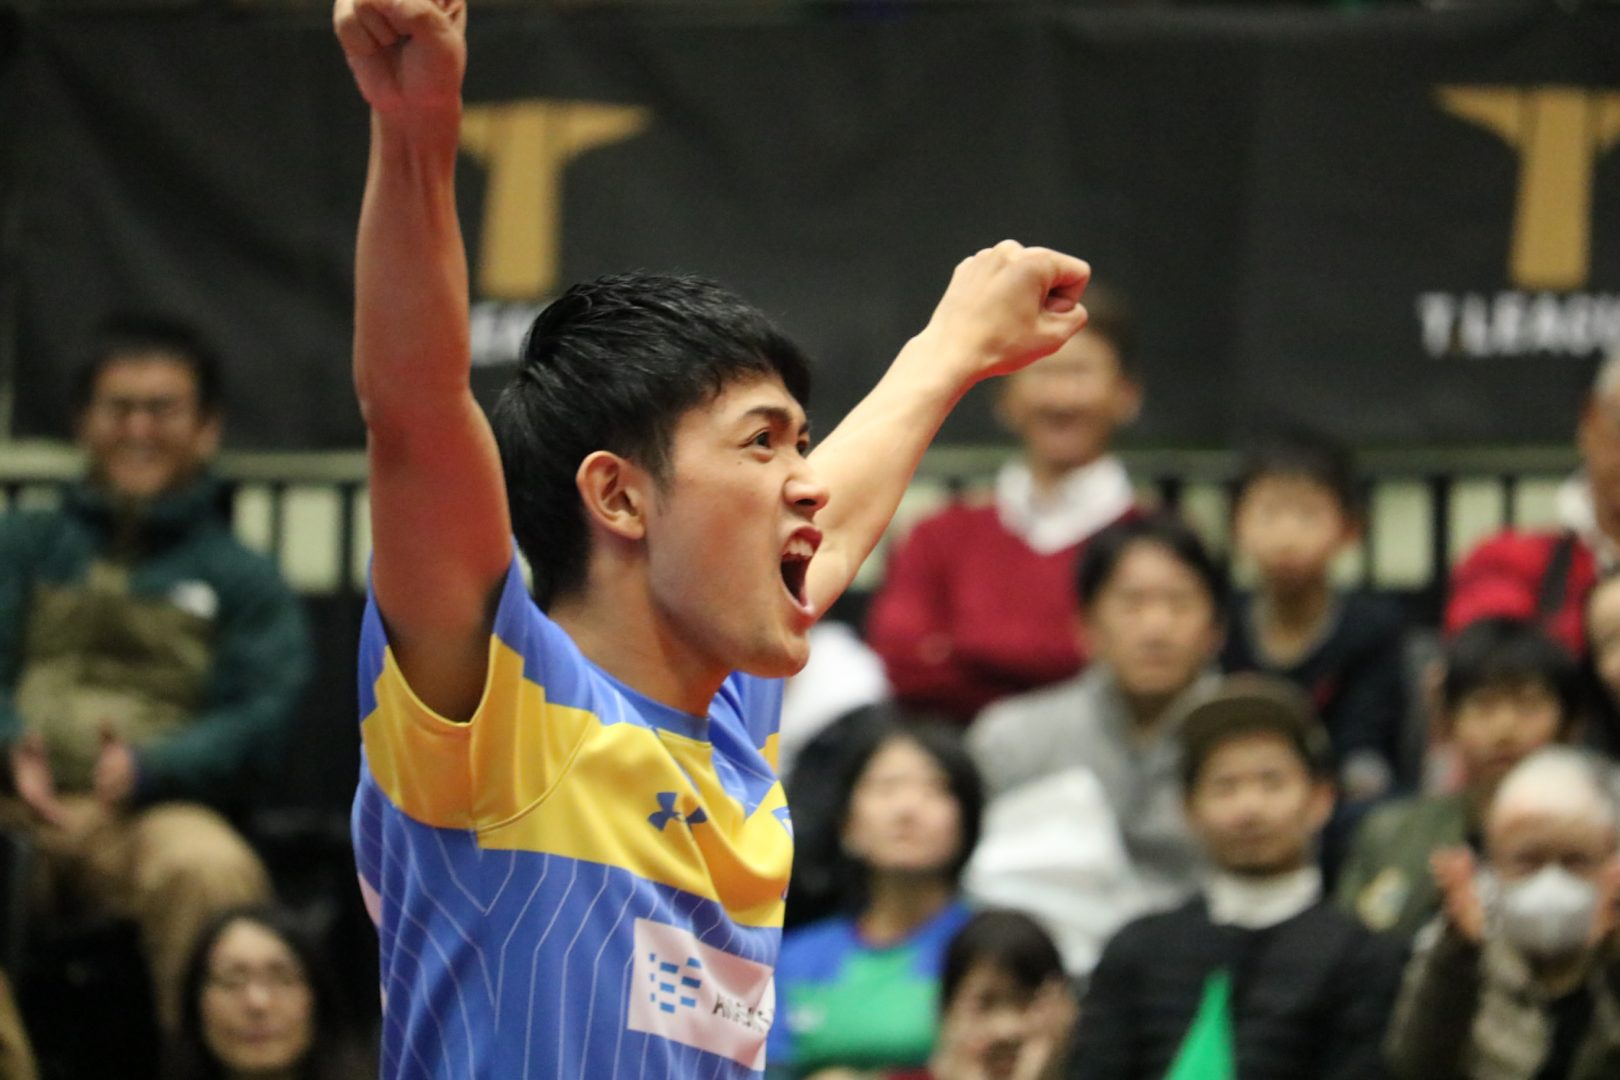 【卓球】り、凛々しいっ…! 吉村和弘、京都で和服姿を披露